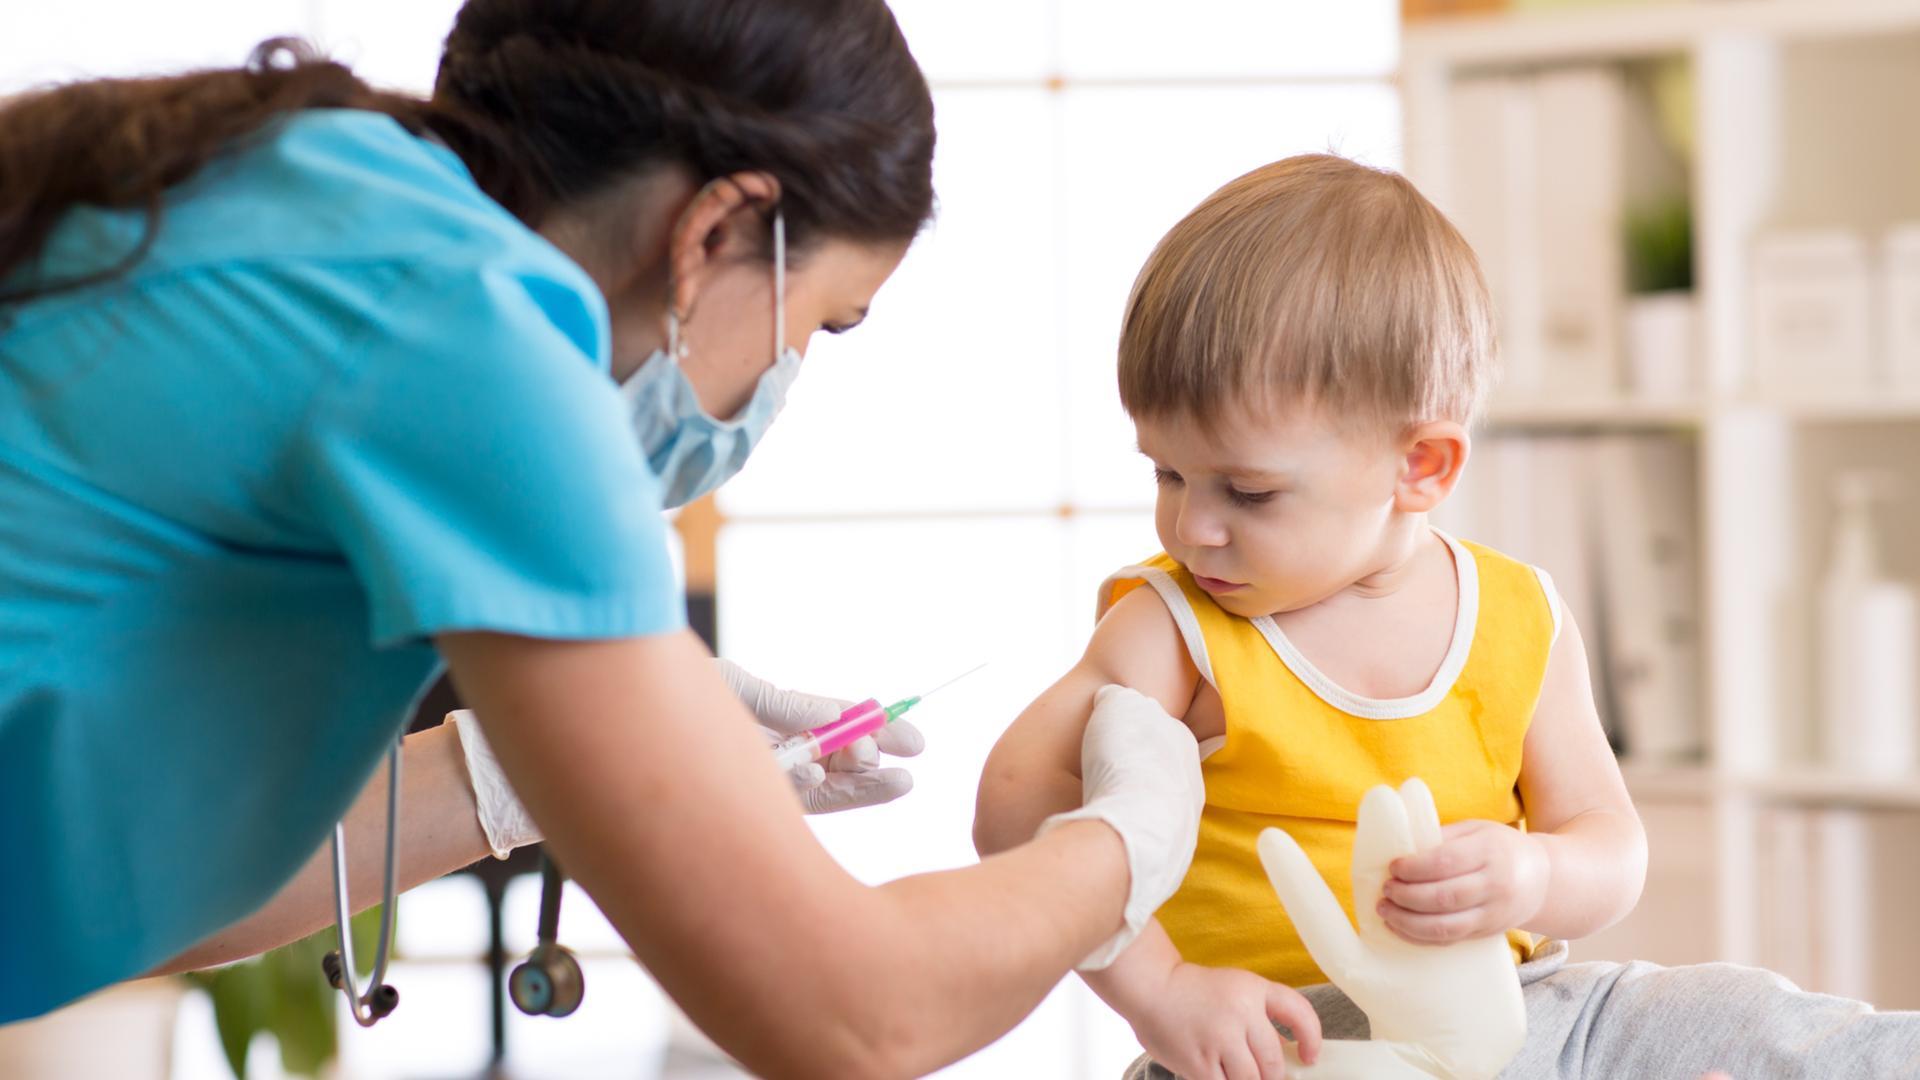 Даже незначительное снижение вакцинации против кори может утроить число инфицированных детей